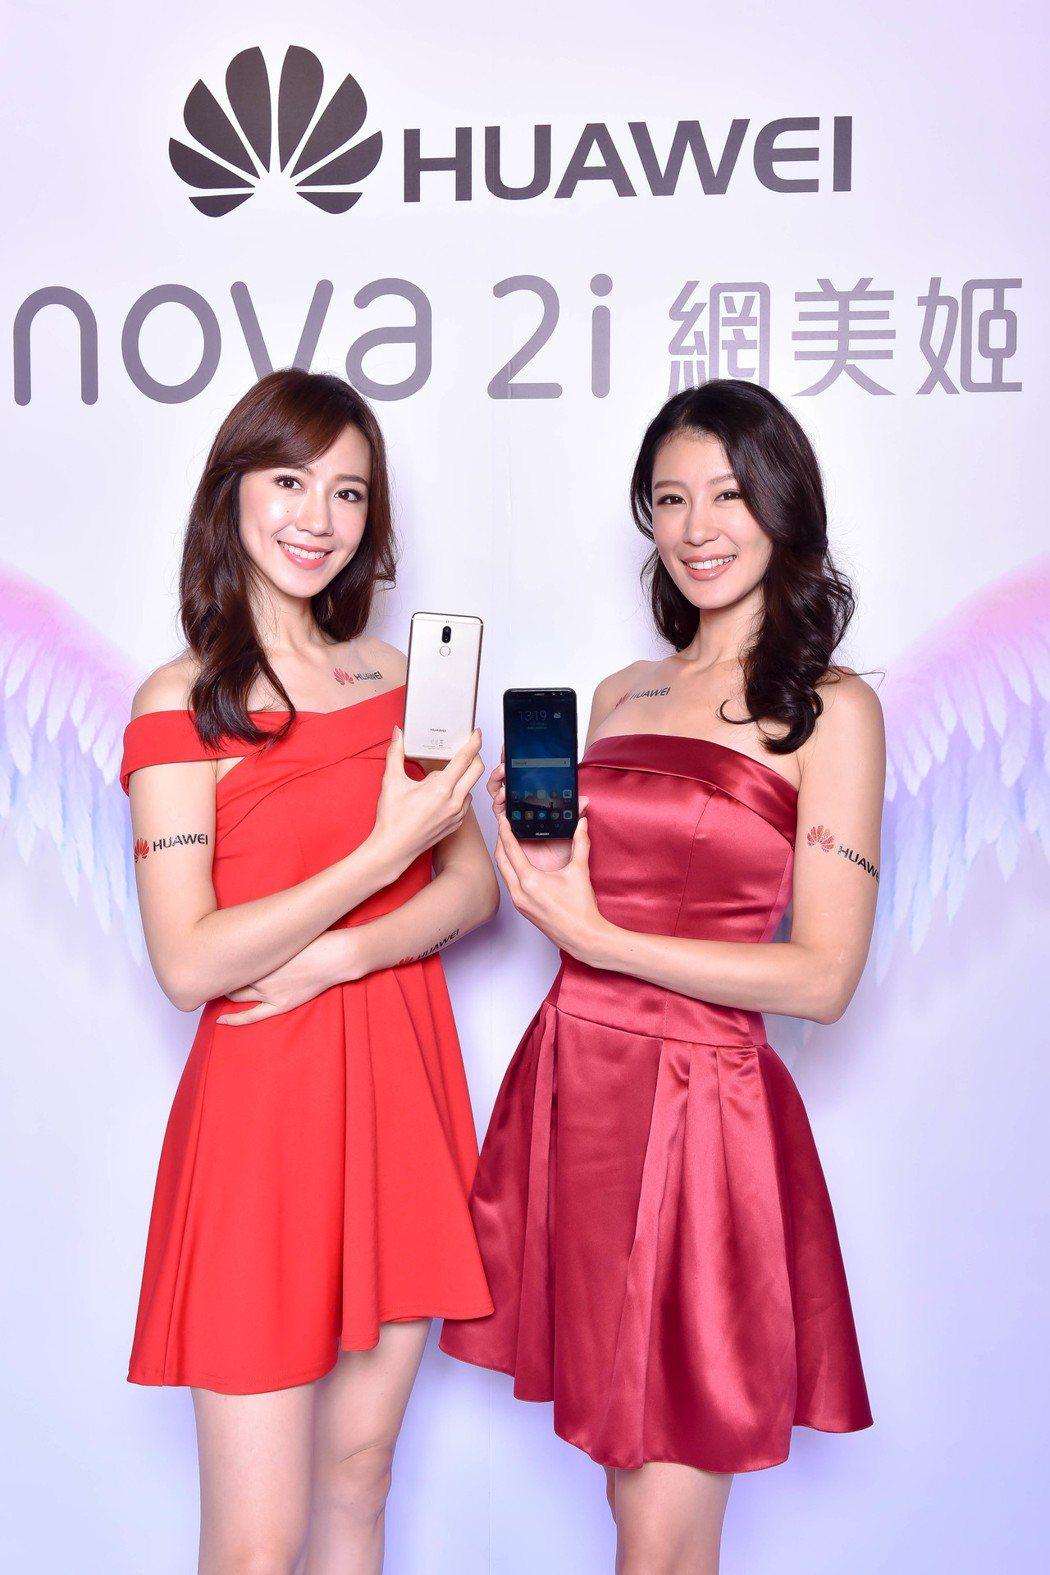 華為發表全球首款4鏡頭全面屏手機HUAWEI nova 2i網美姬。圖/華為提供